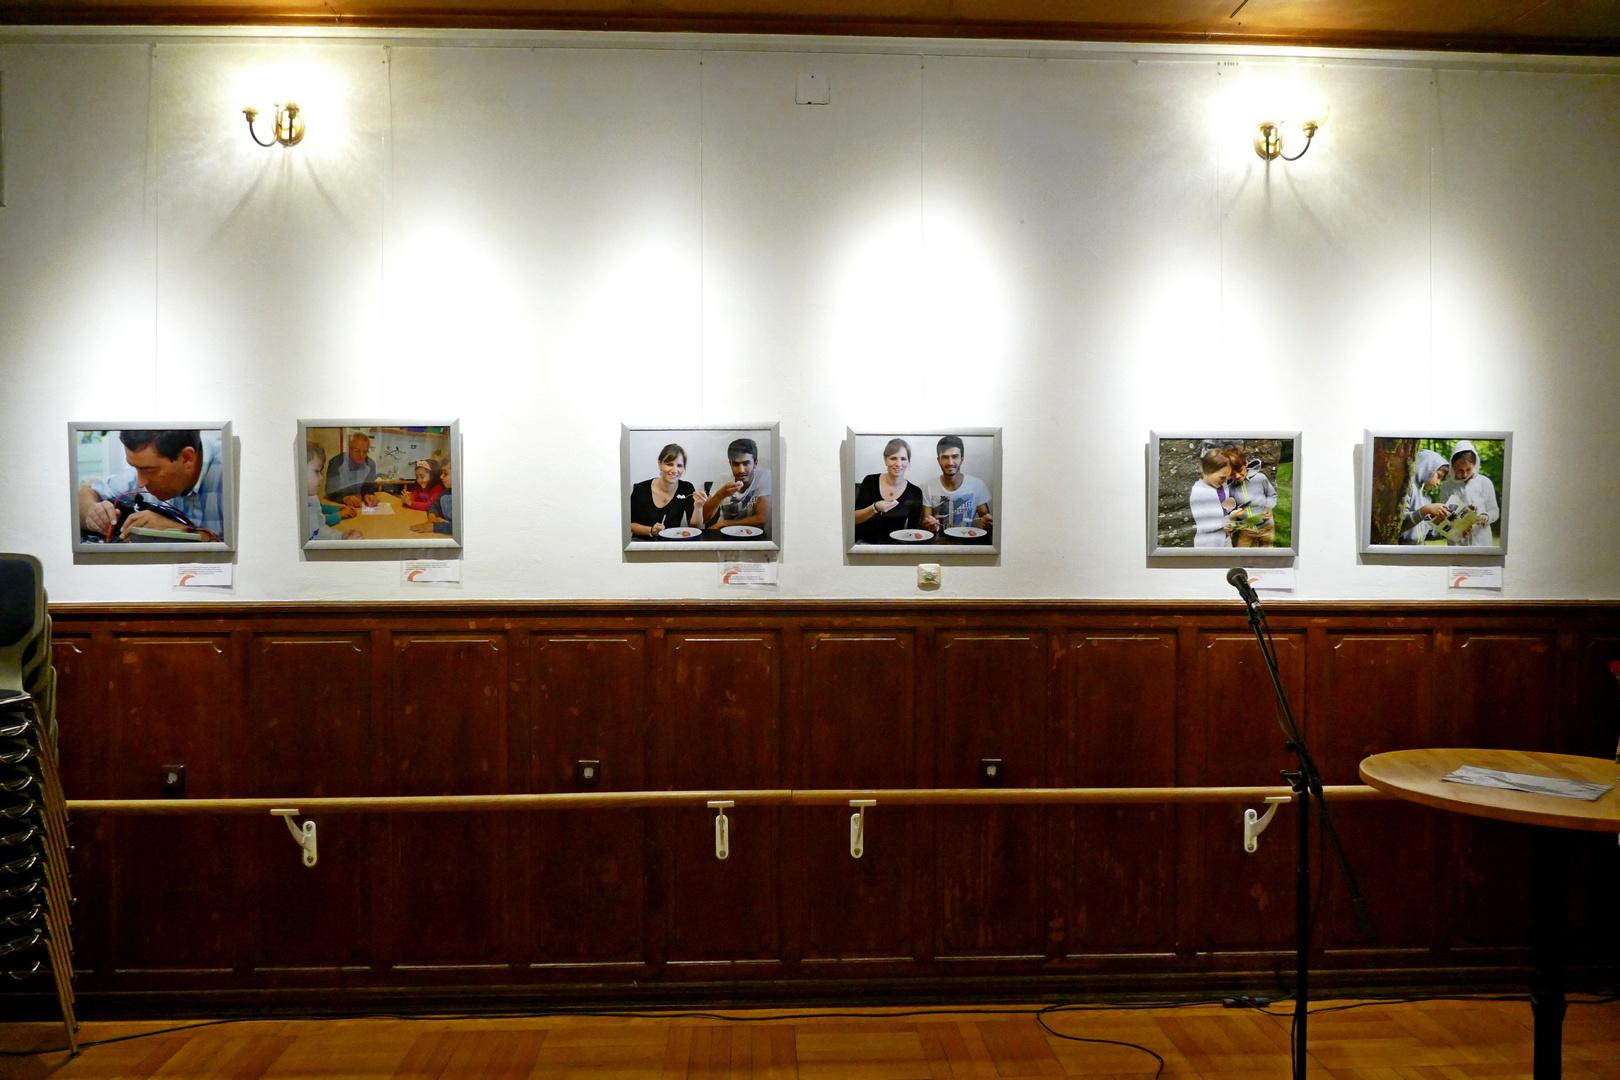 VorBilder Finissage Abraxas 22.11.18 - Freiwilligen-Zentrum Augsburg - Foto: Christoph Urban